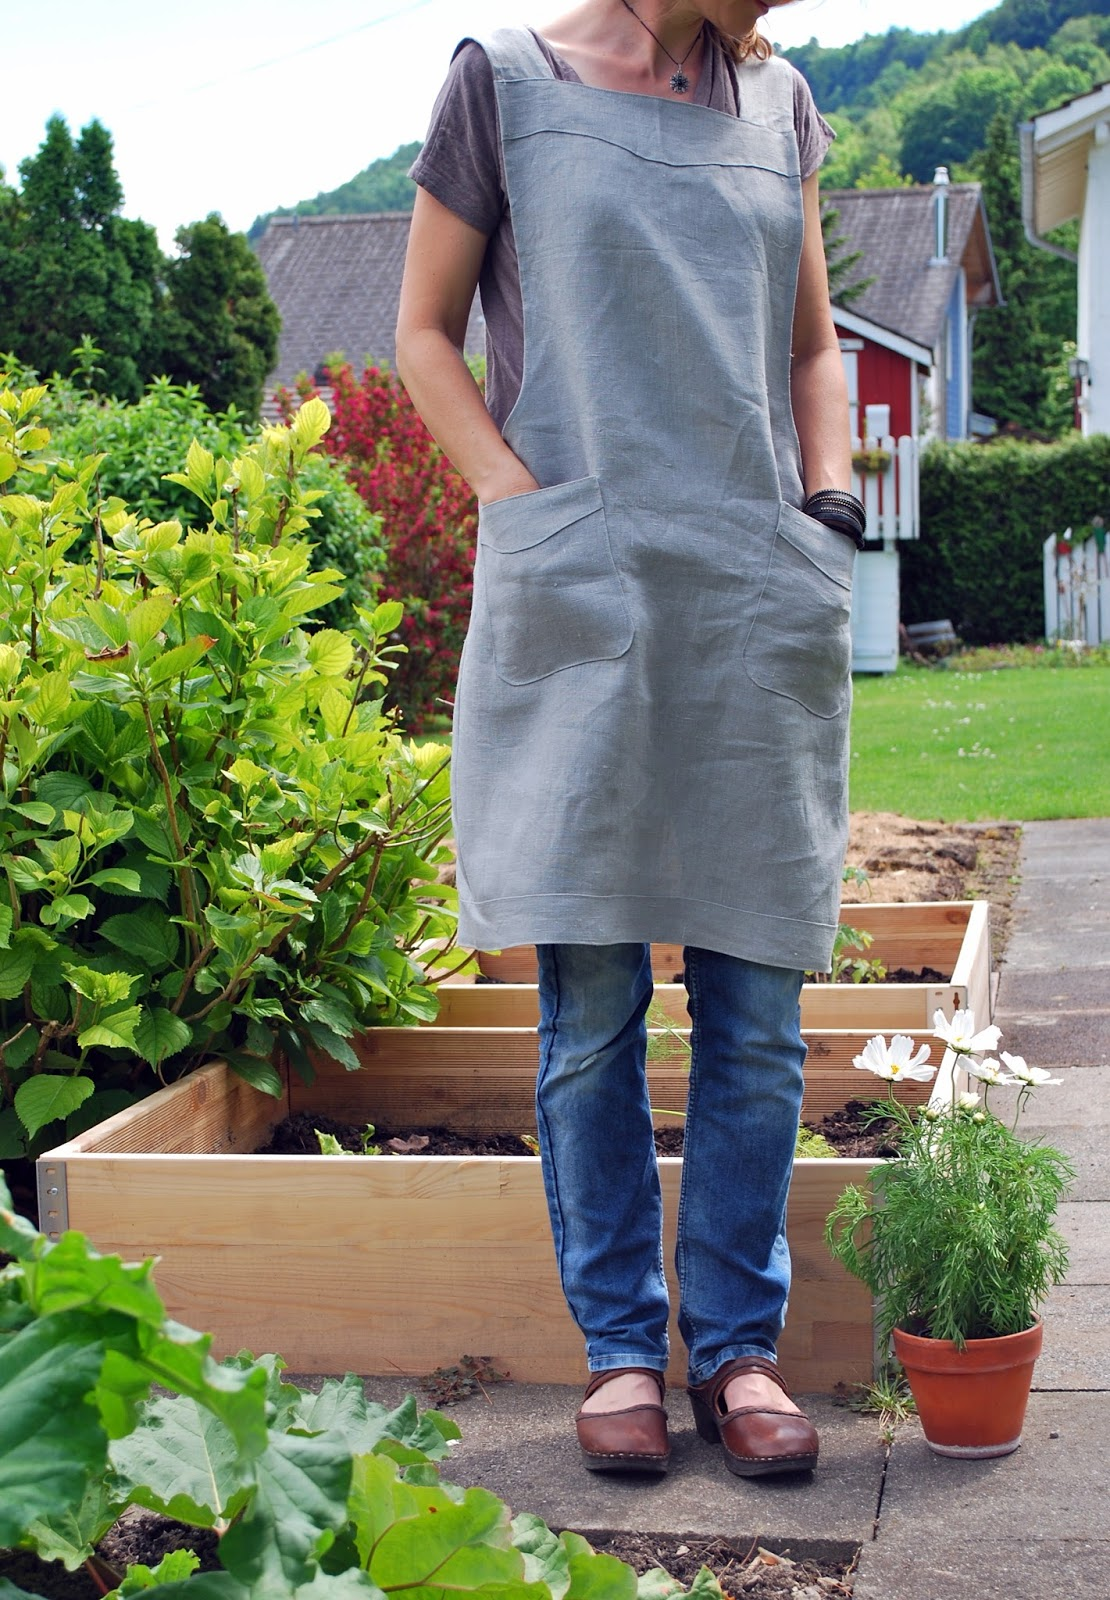 mamas kram: Japanische Garten-Schürze